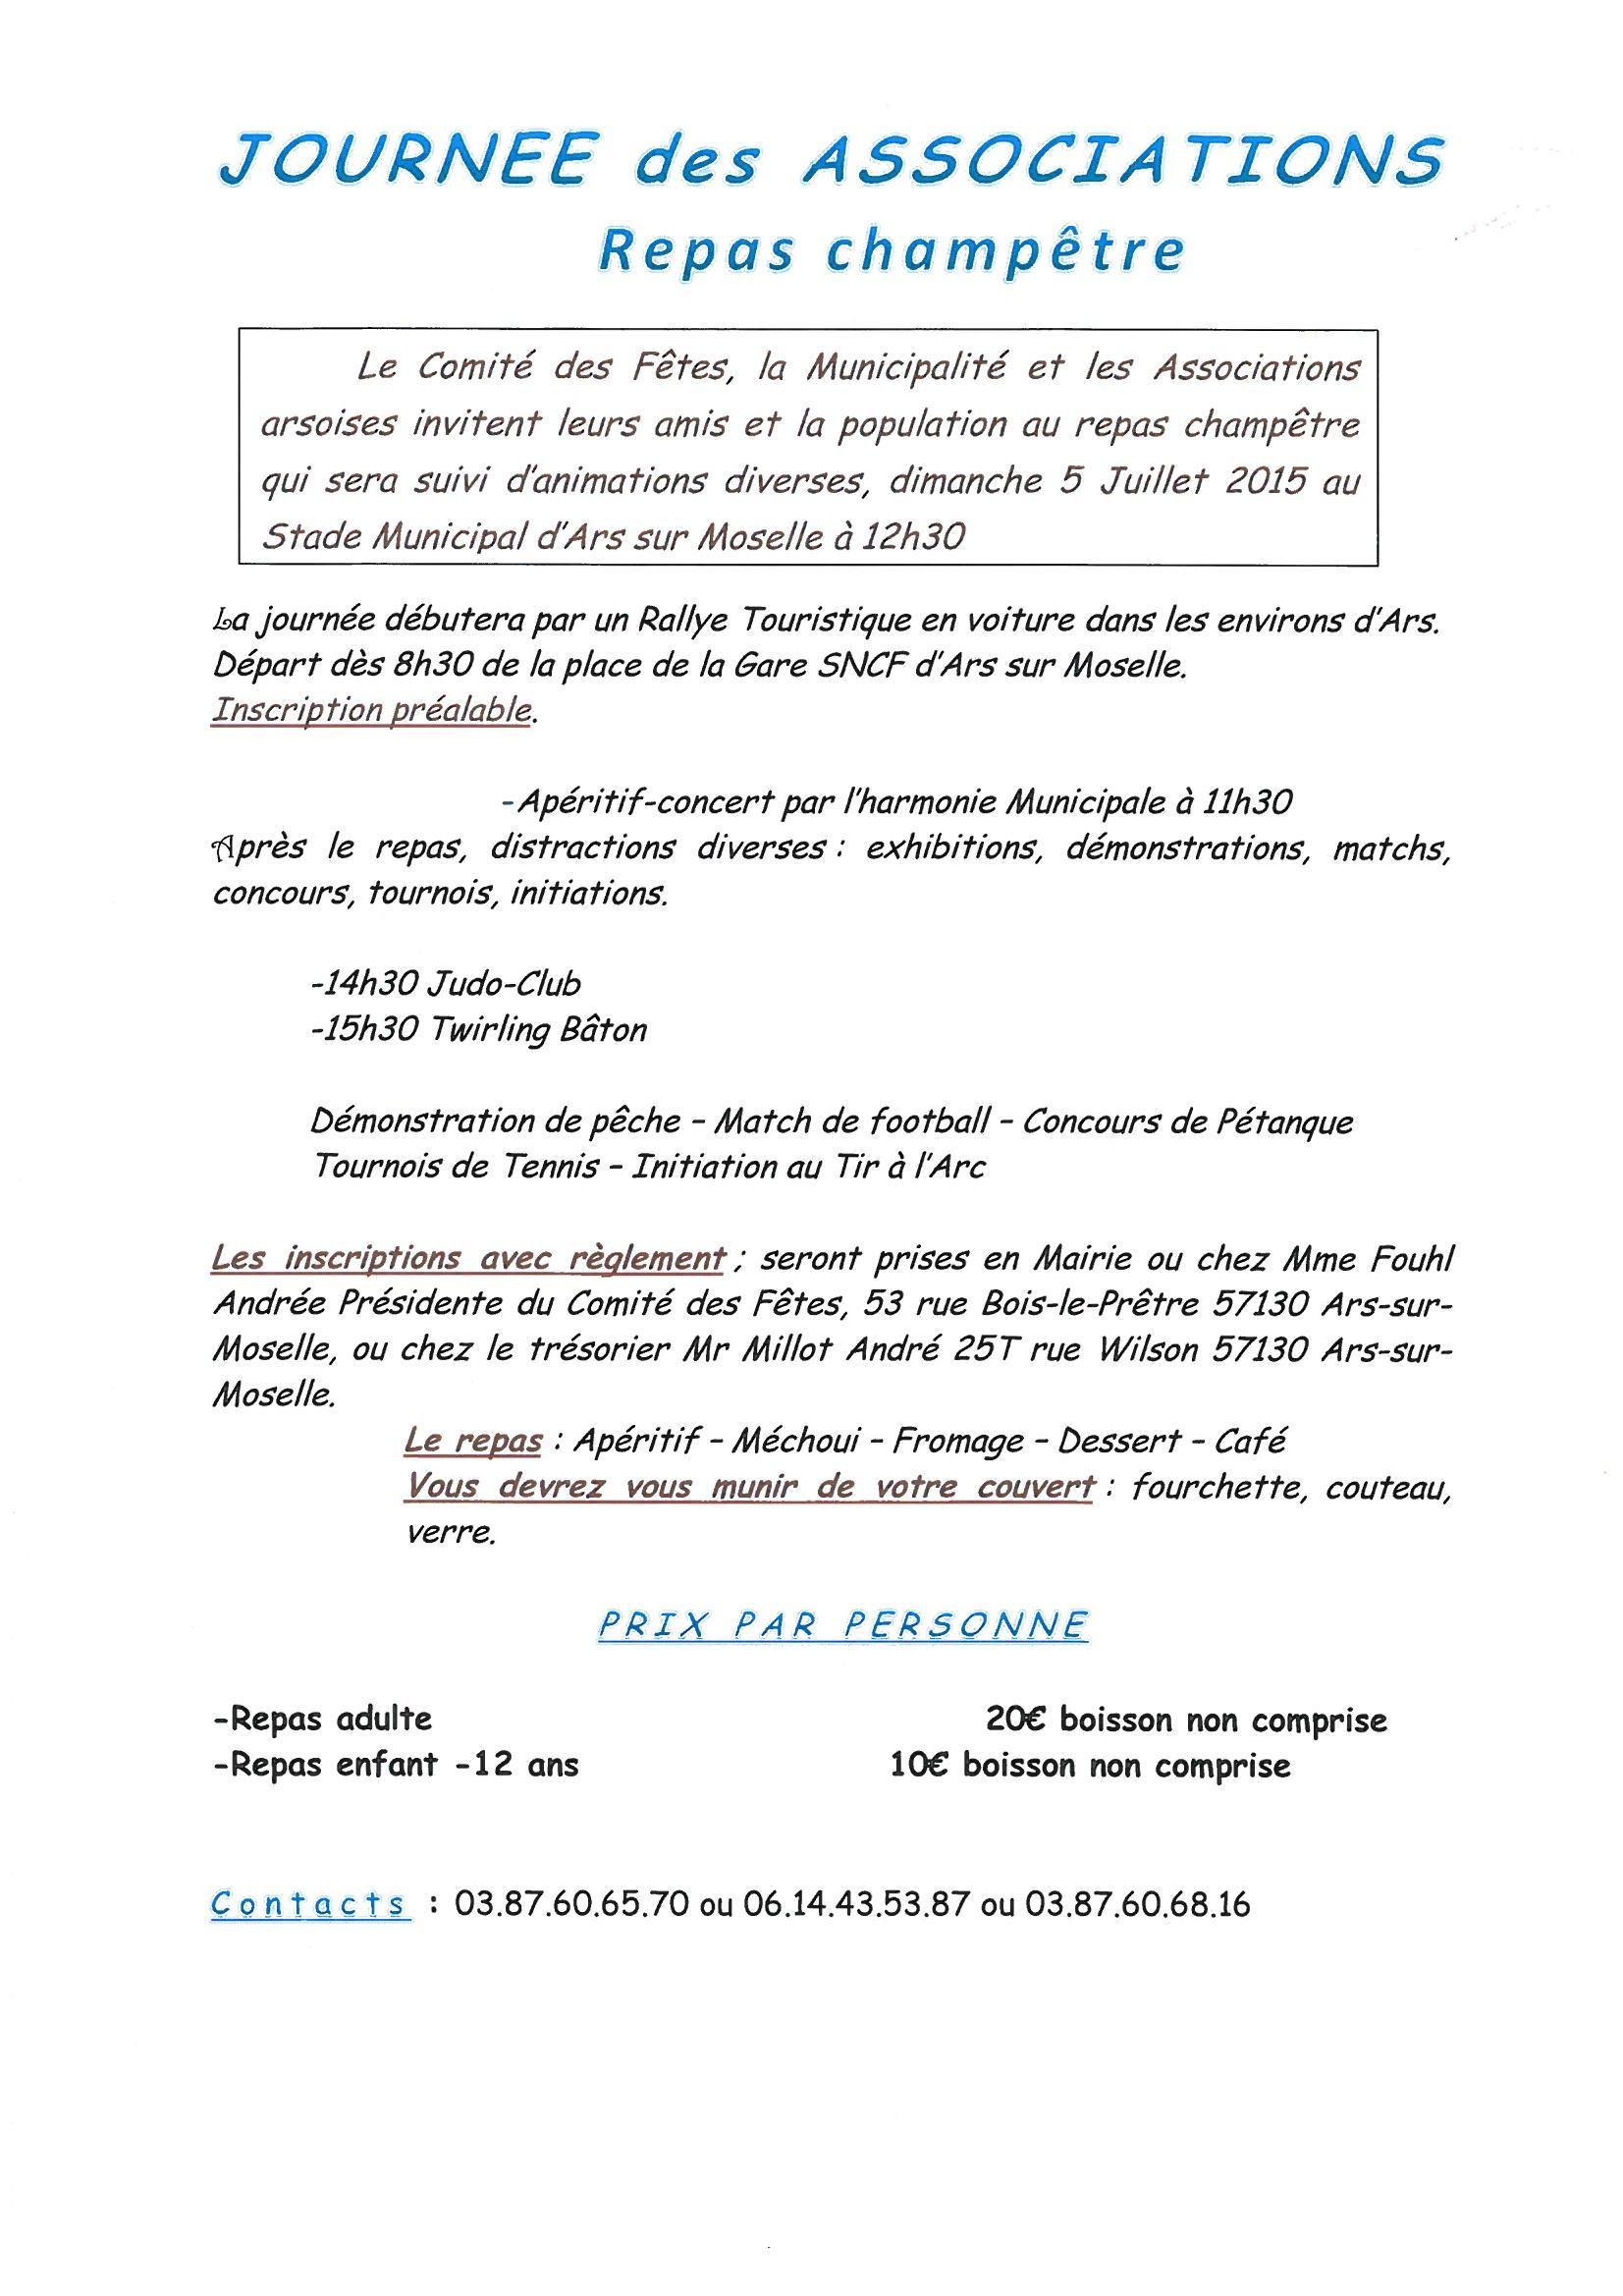 JOURNEE DES ASSOCIATIONS dimanche 5 juillet